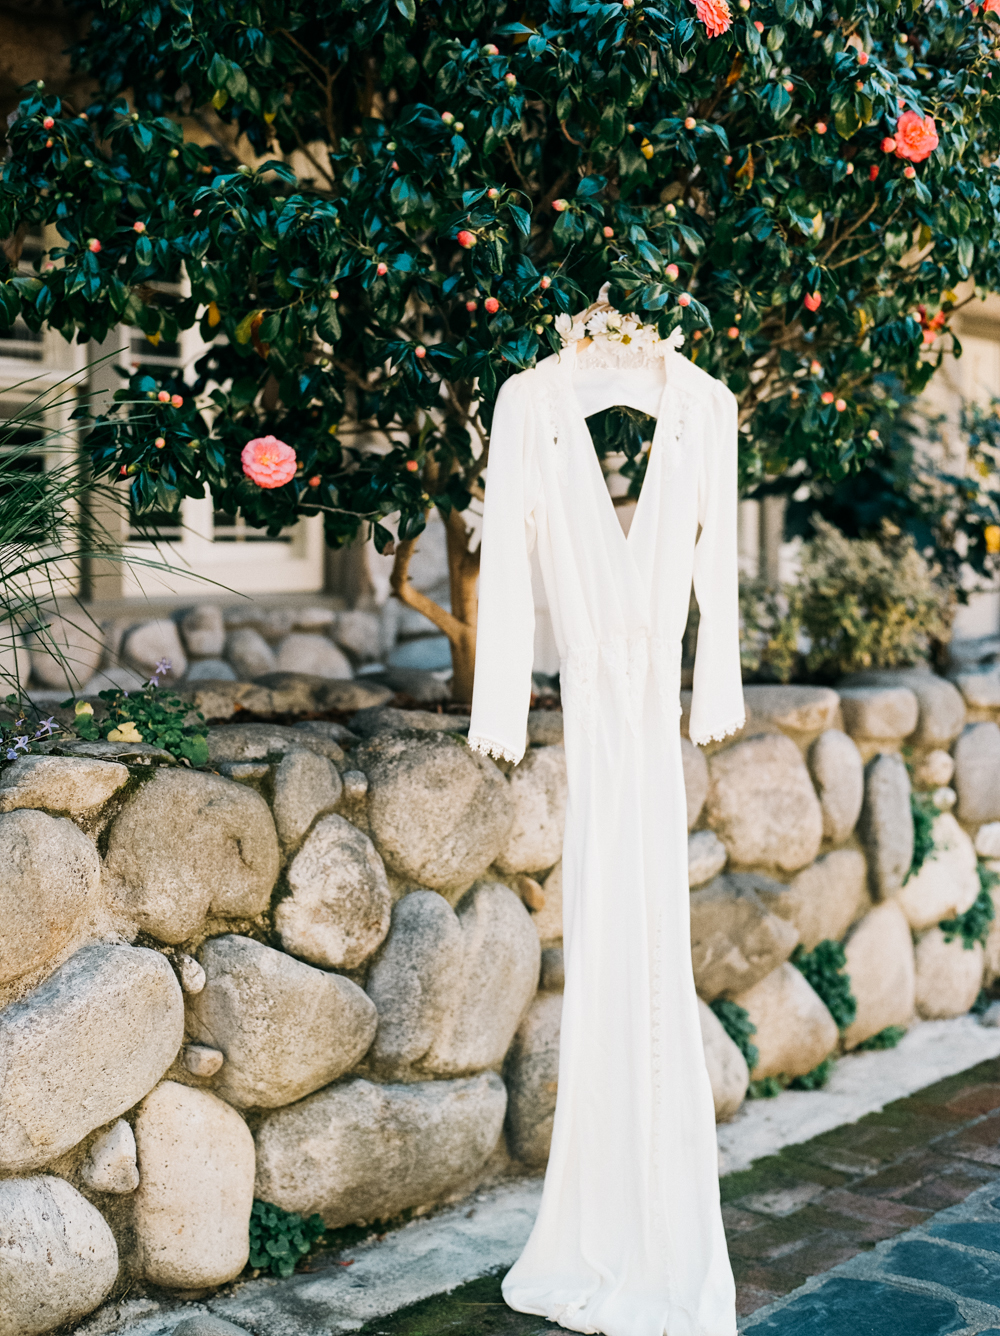 carmel by the sea wedding venues-3.jpg